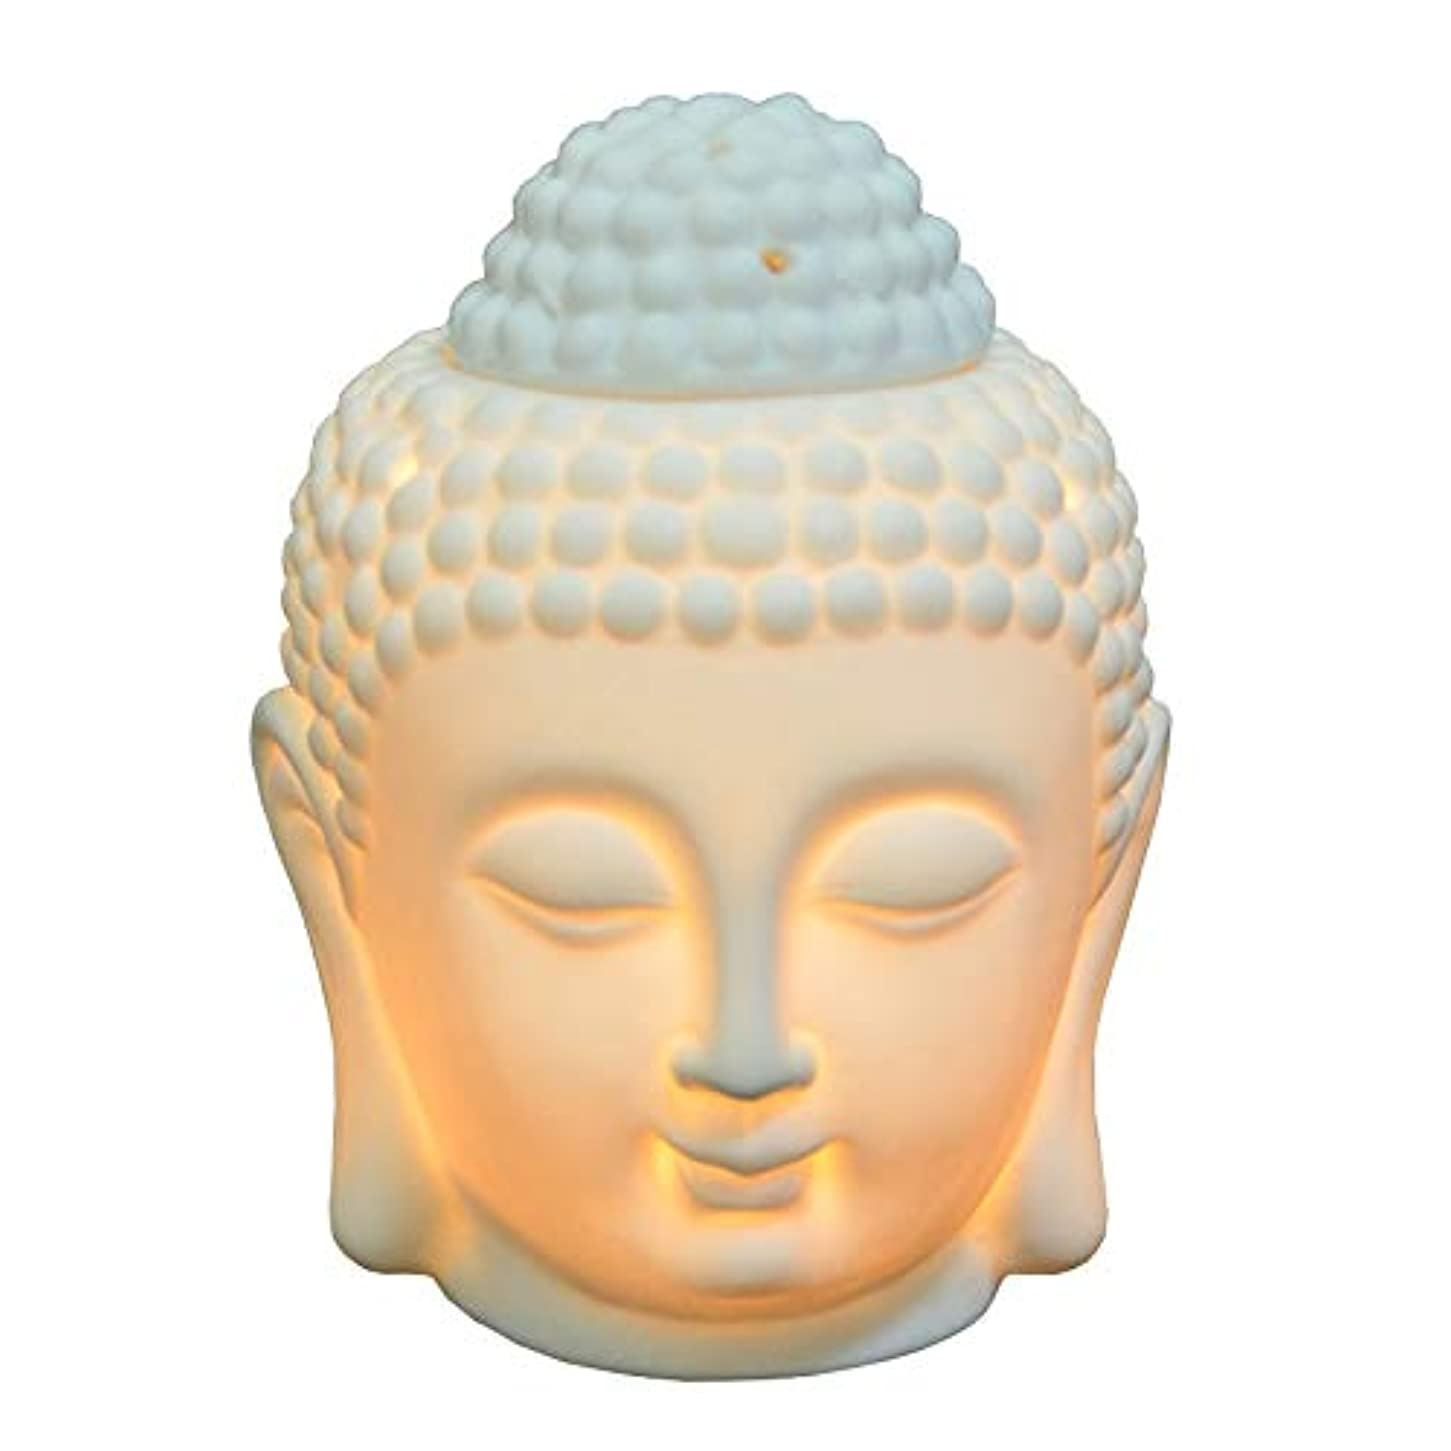 卵食物うがい薬仏頭像オイルバーナー半透明セラミックアロマディフューザー家の装飾